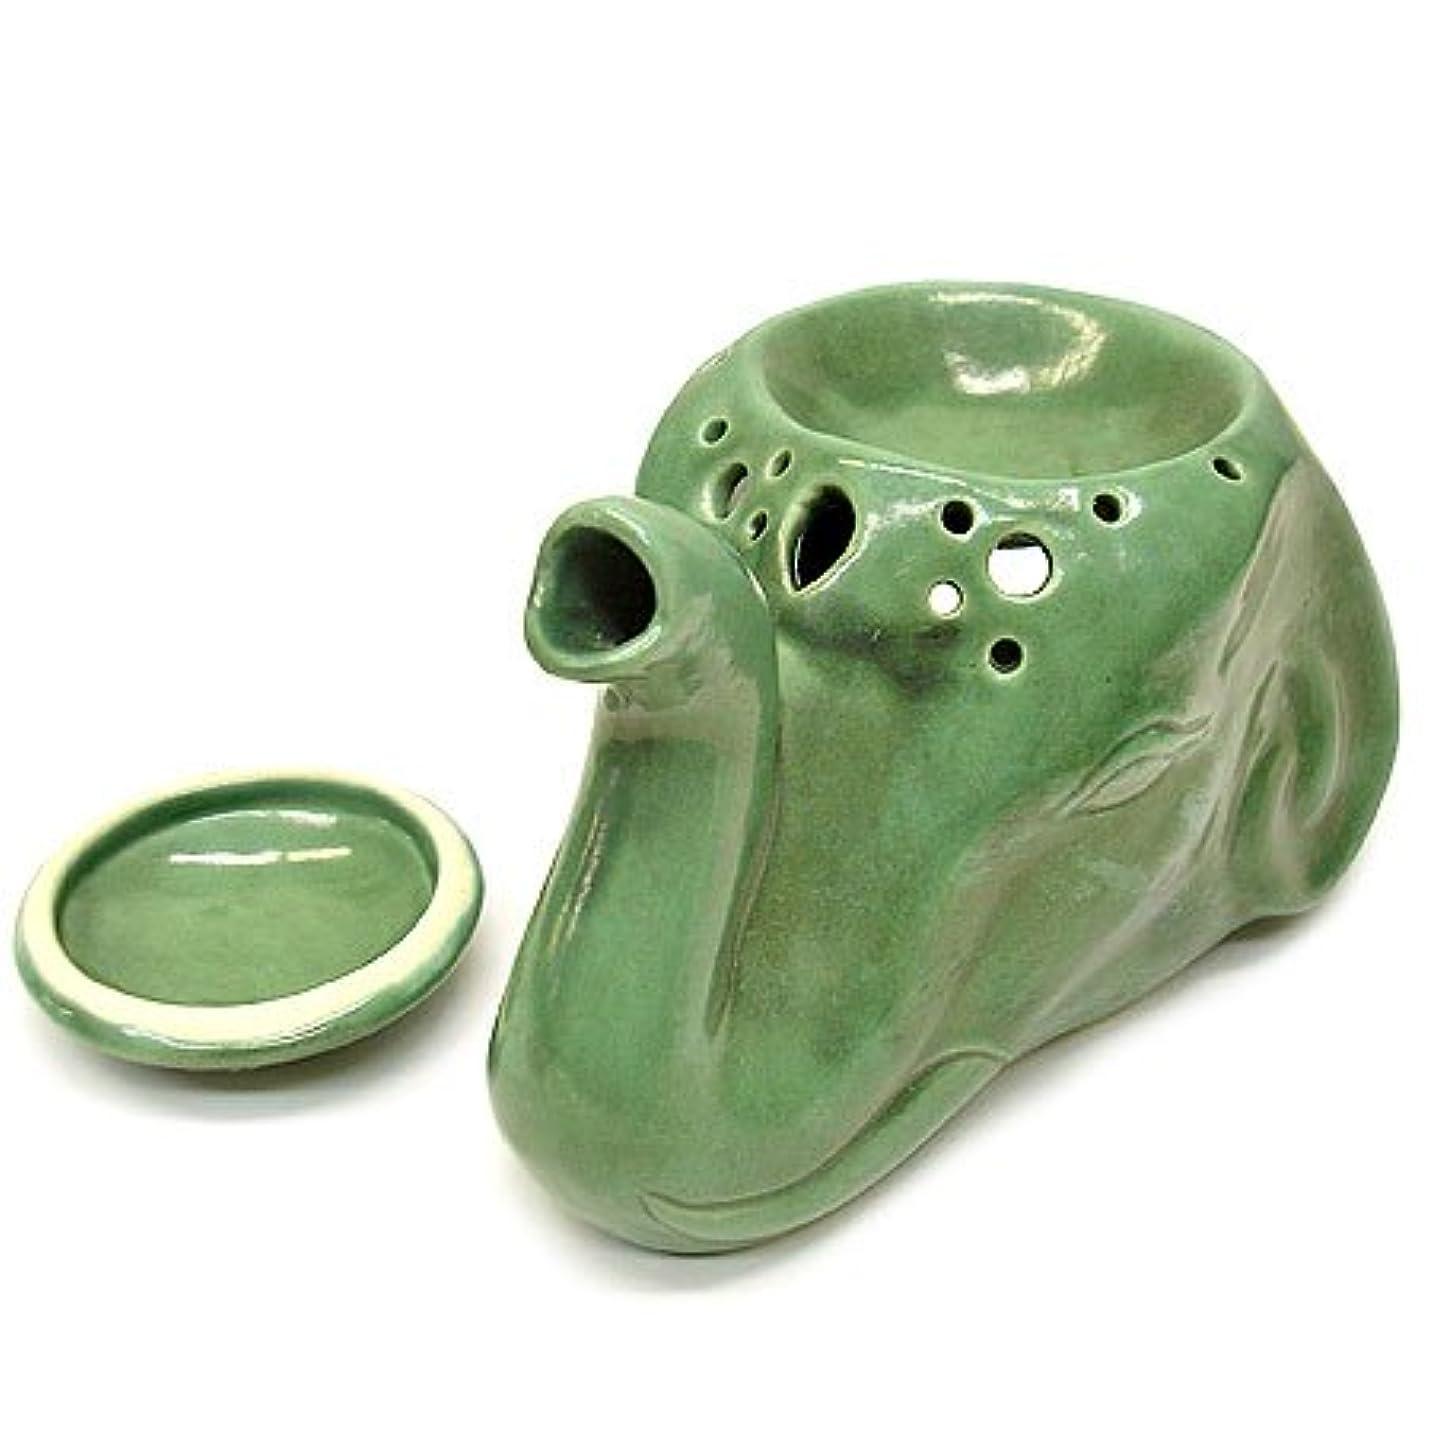 均等に繰り返した無駄だタバナン 象のアロマオイルバーナーセット 緑アジアン雑貨